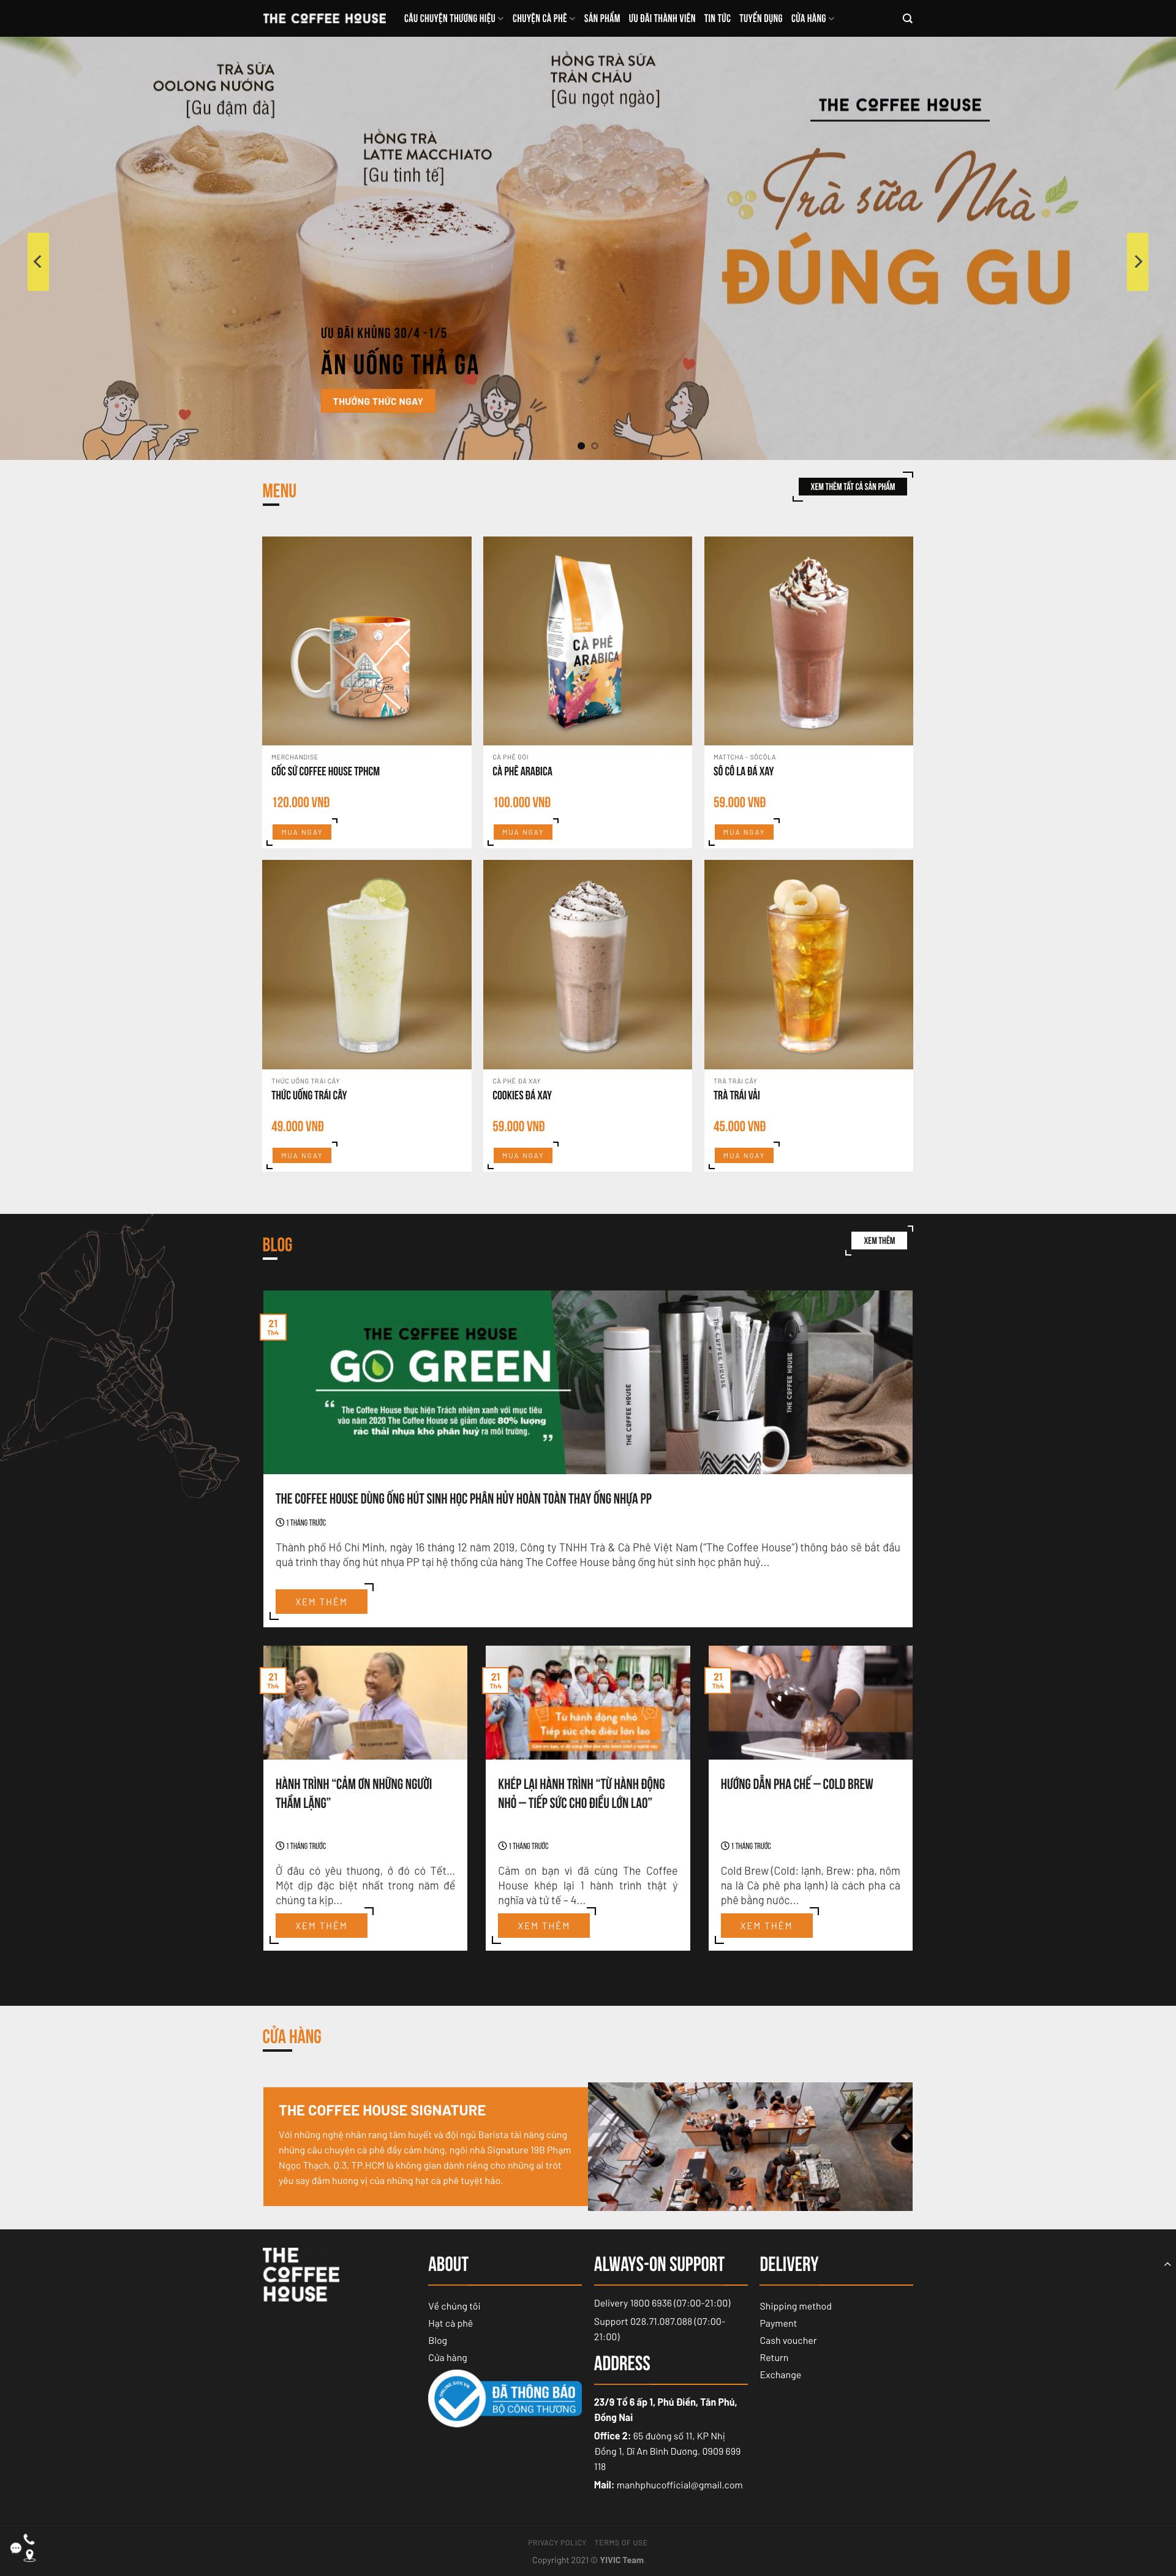 Thiết kế web bán cà phê, gia vị, dụng cụ, nước ngọt online